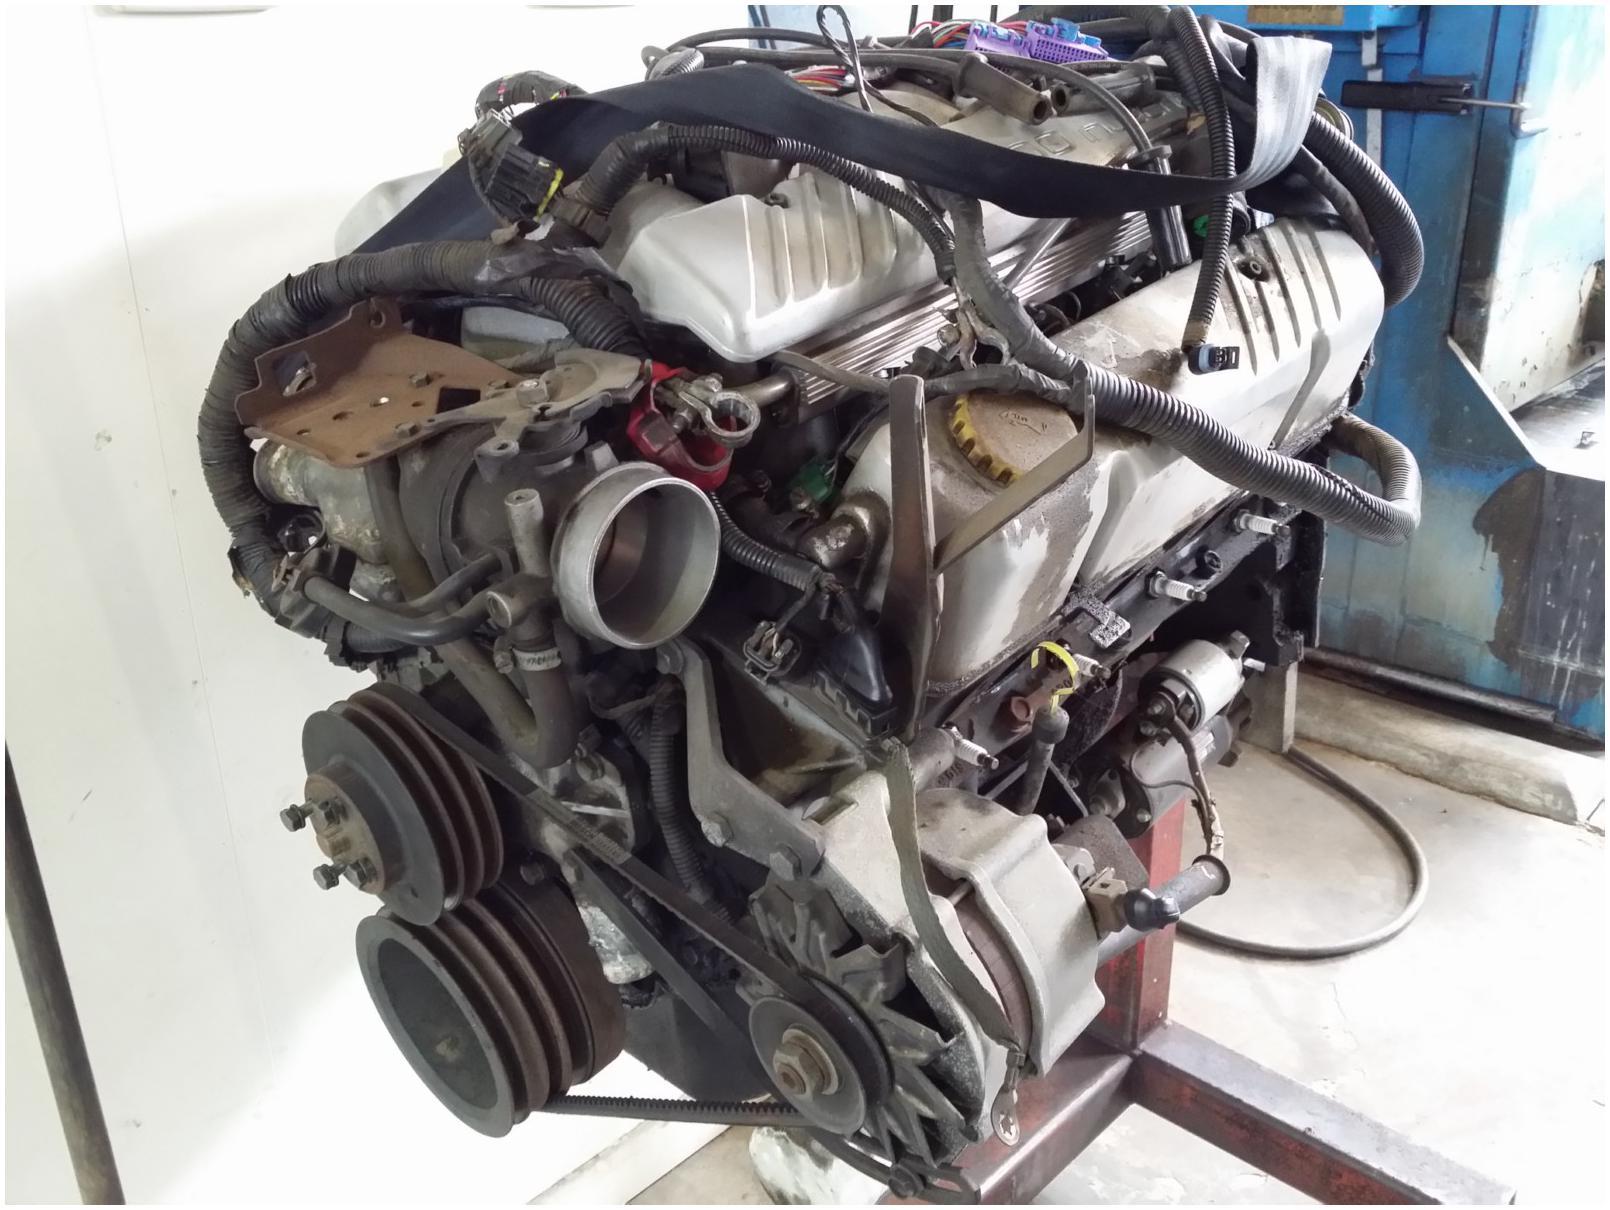 Holden V8 Project Engine